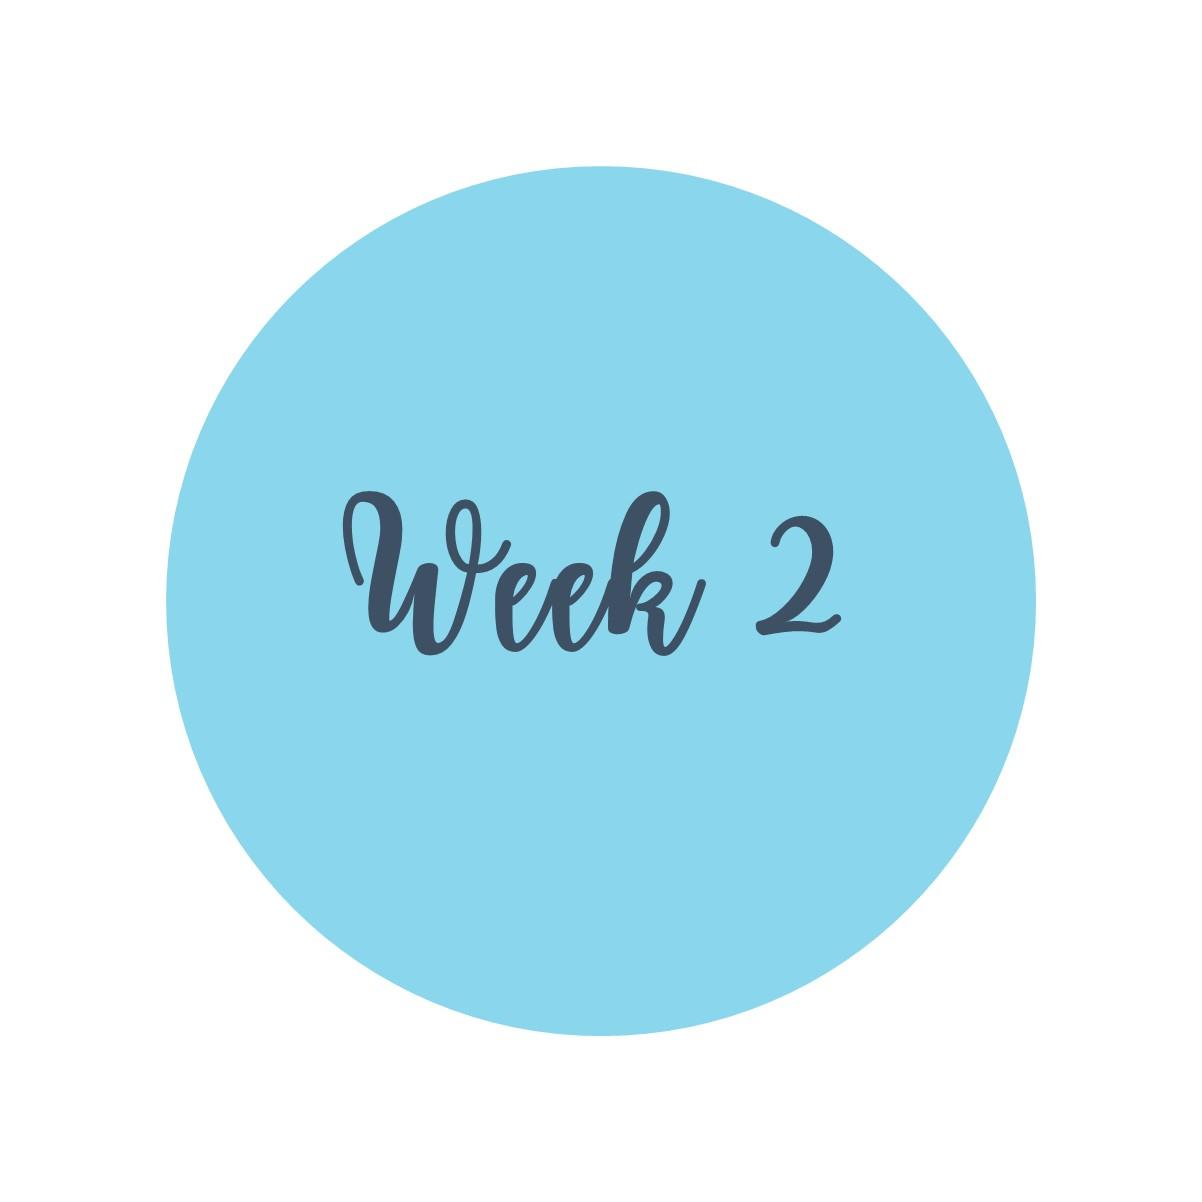 MVP week 2 icon white square.jpg